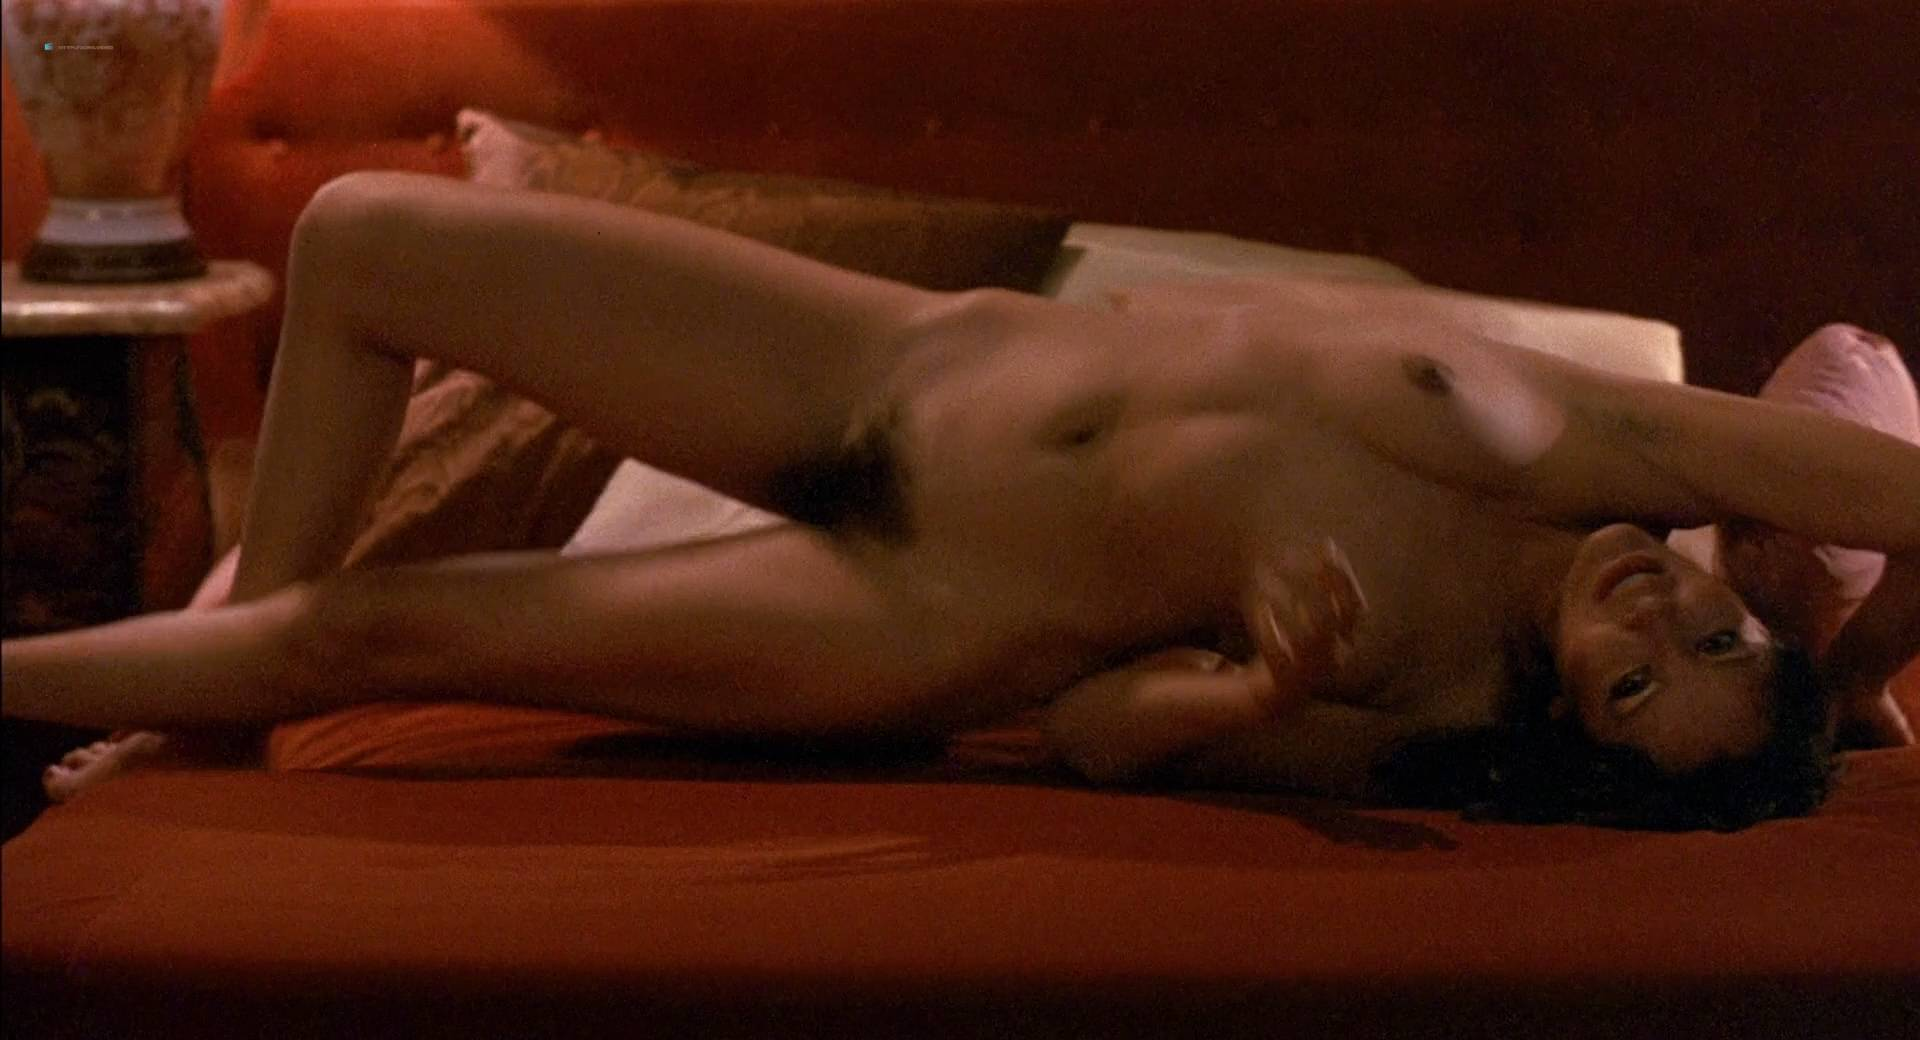 Barbara harris nude